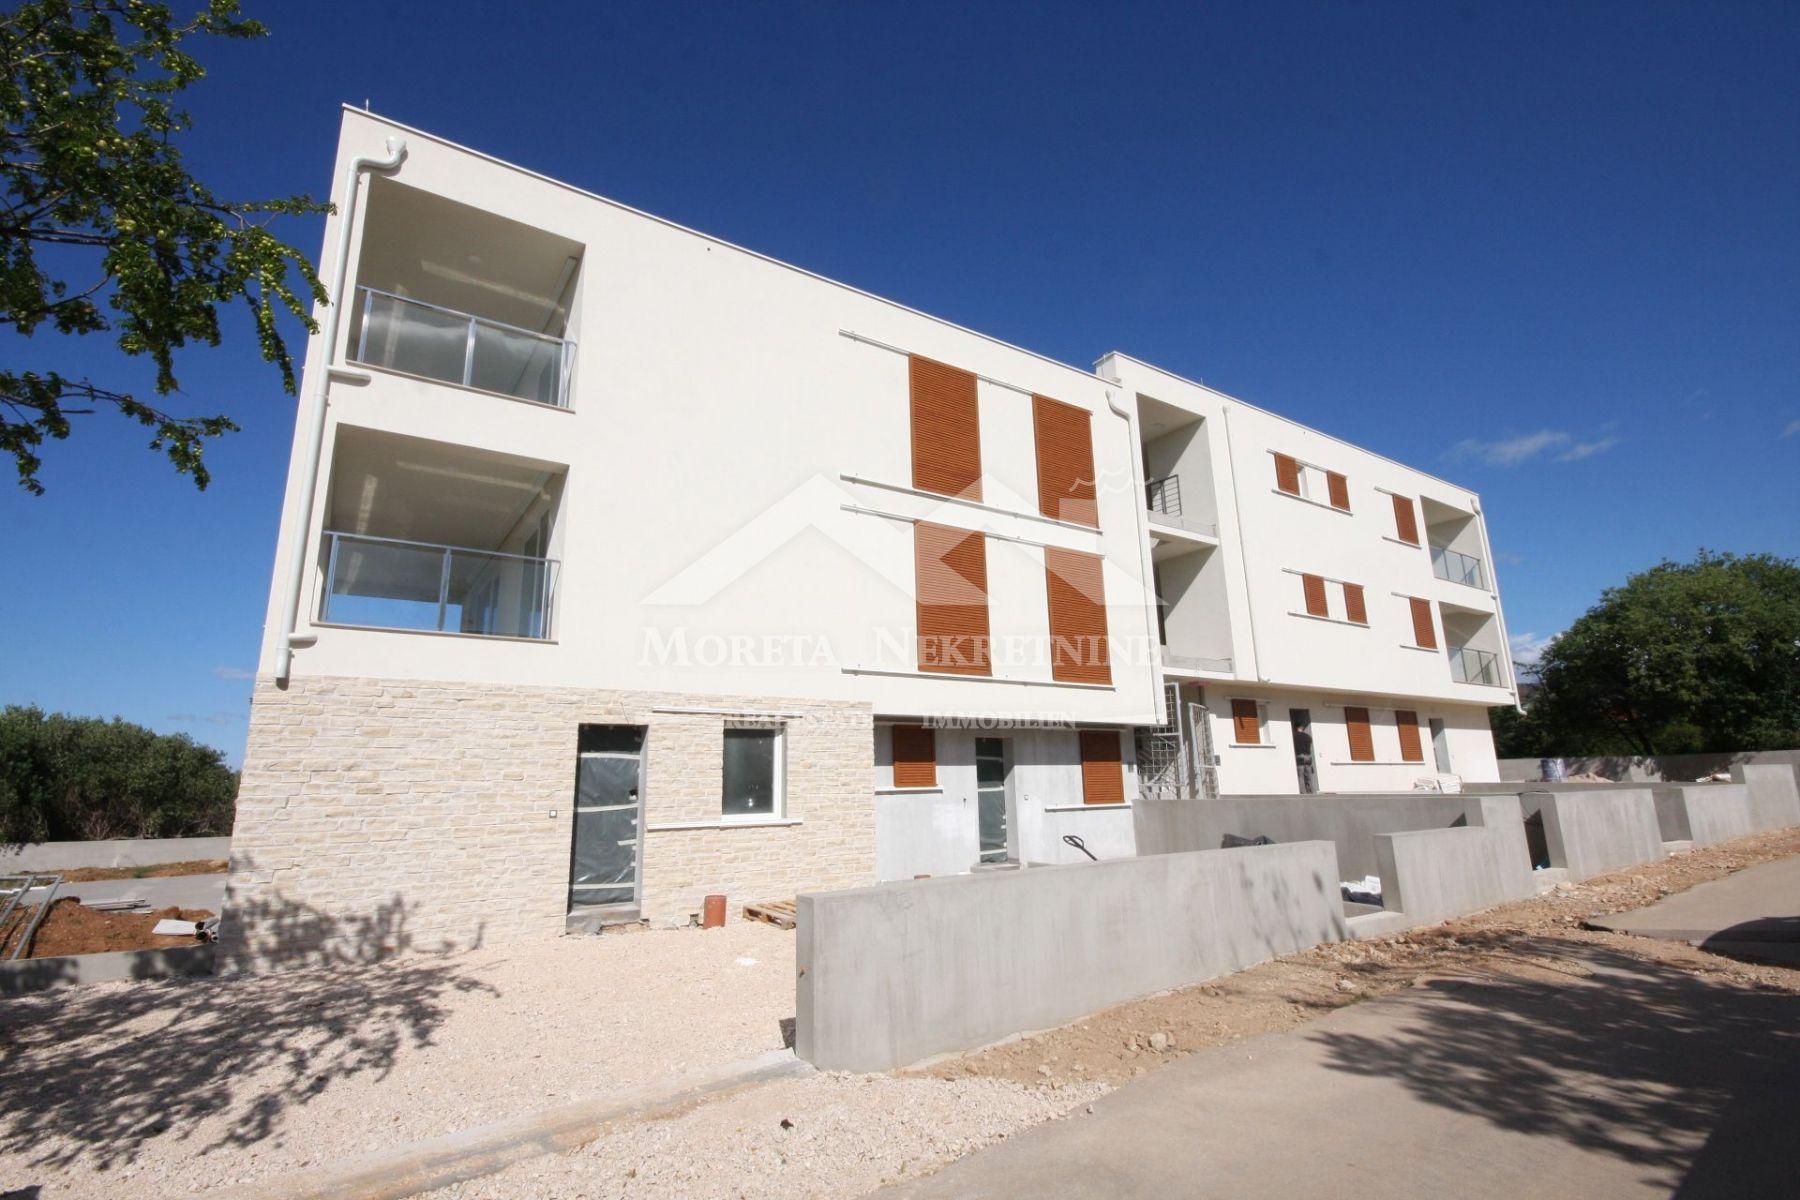 Vodice, ekskluzivna ponuda stanova u blizini plaže